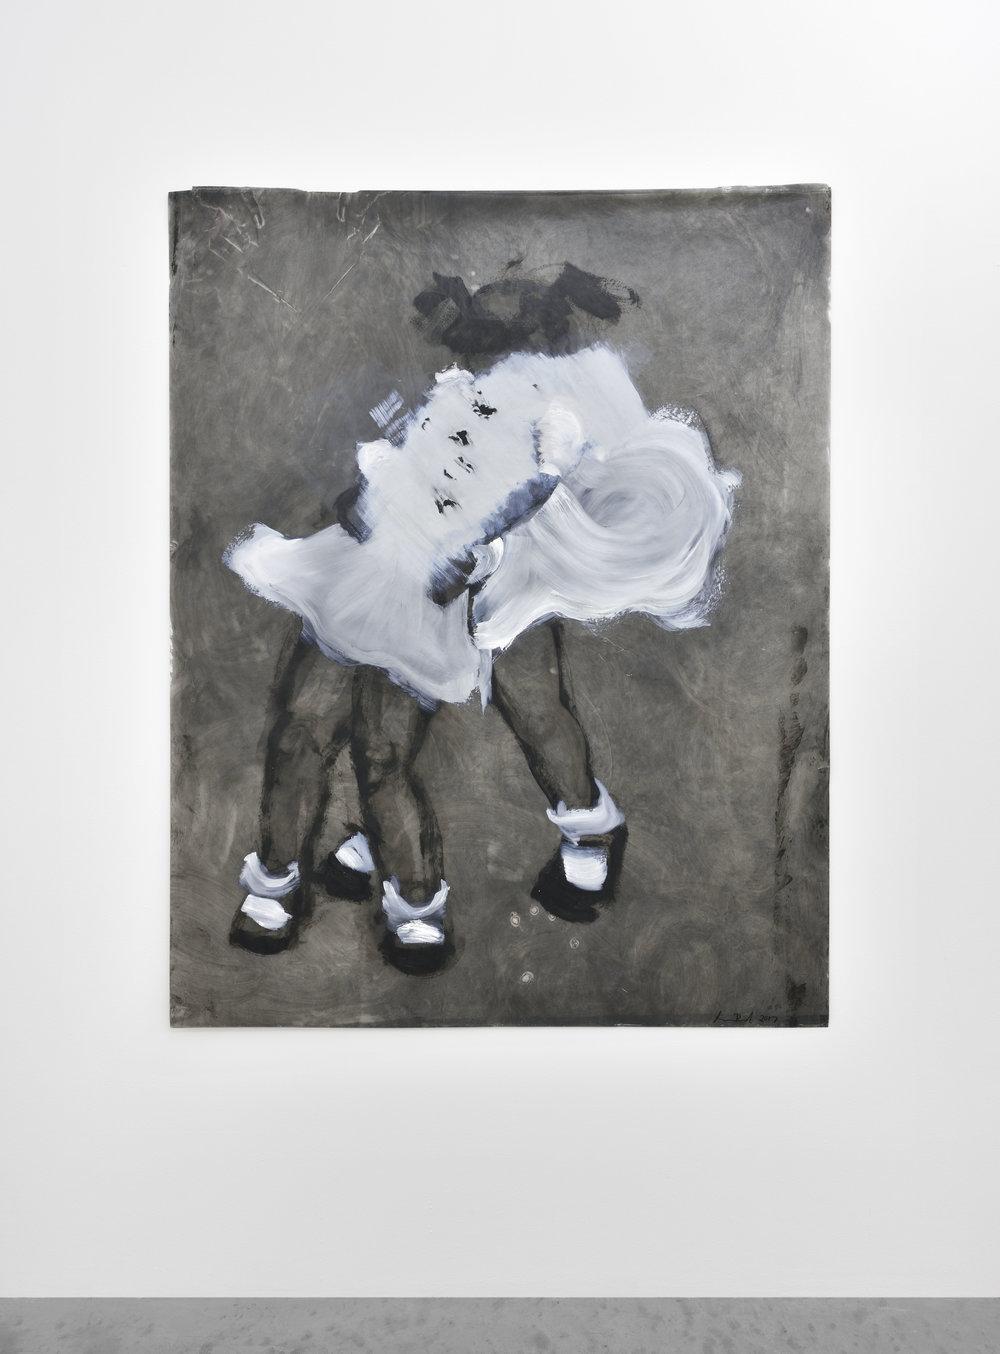 Kim DINGLE Girl in Chokehold, 2017 oil on glassine 60 x 48 in (152,4 x 121,9 cm)